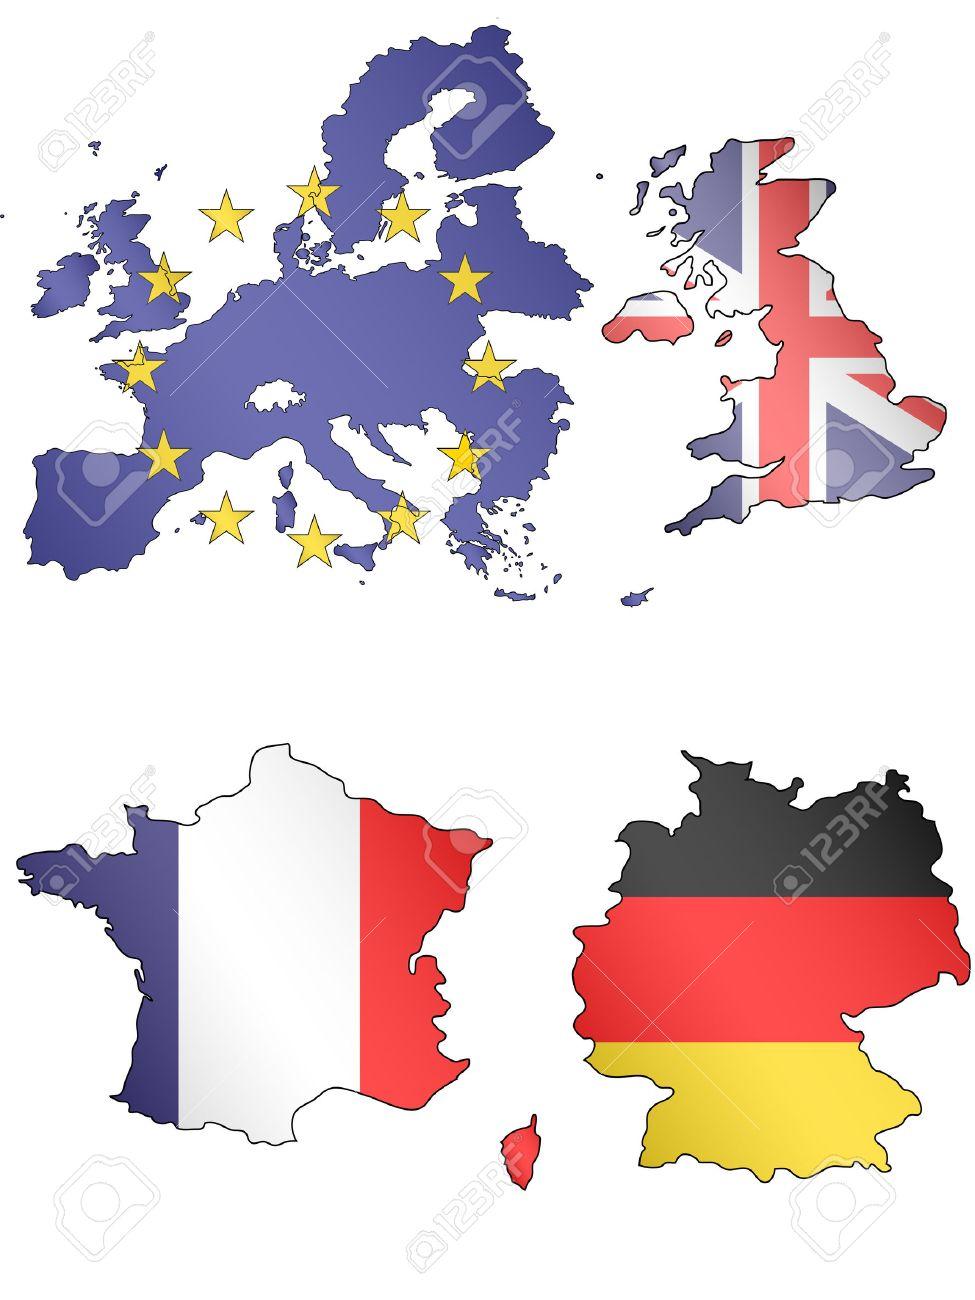 Deutschland Frankreich Karte.Stock Photo